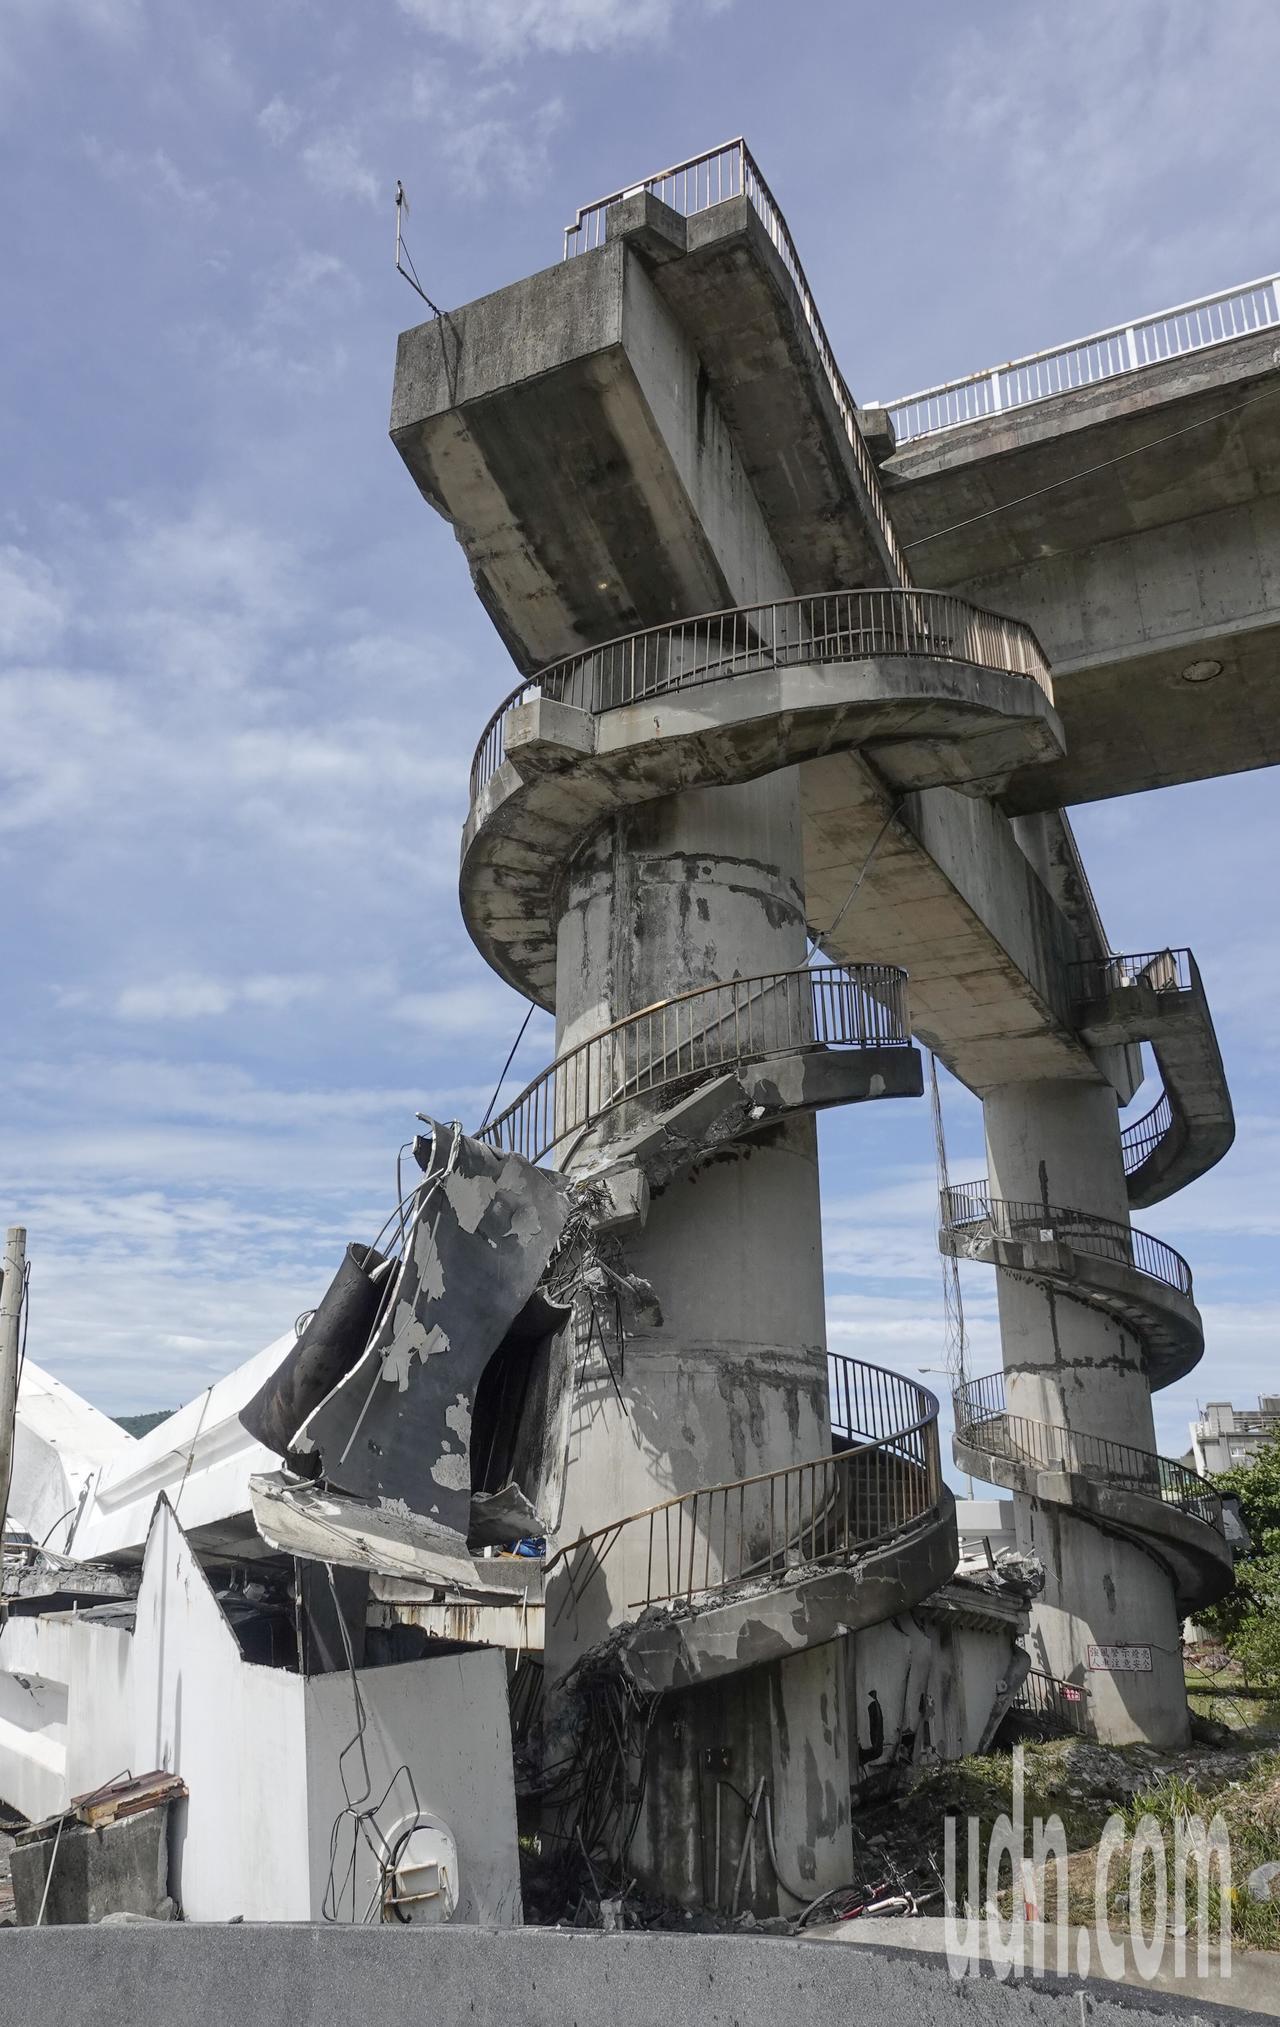 南方澳跨港大橋上午突然斷裂,跨港的橋面落海,還壓垮底下的漁船。記者鄭超文/攝影